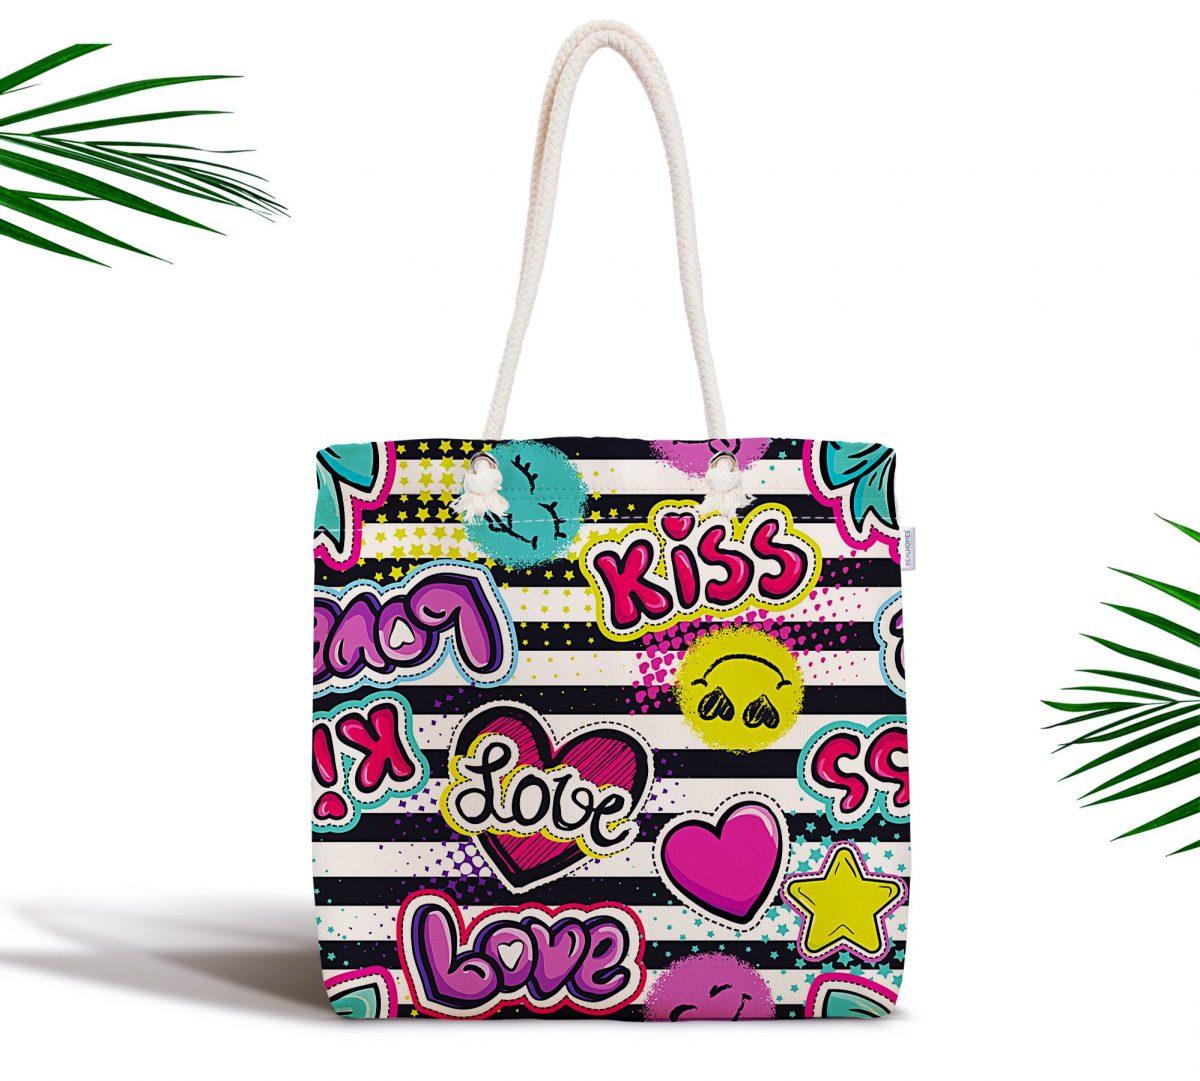 Kiss Love Pop Art Tasarımlı Dijital Baskılı Fermuarlı Kumaş Çanta Realhomes